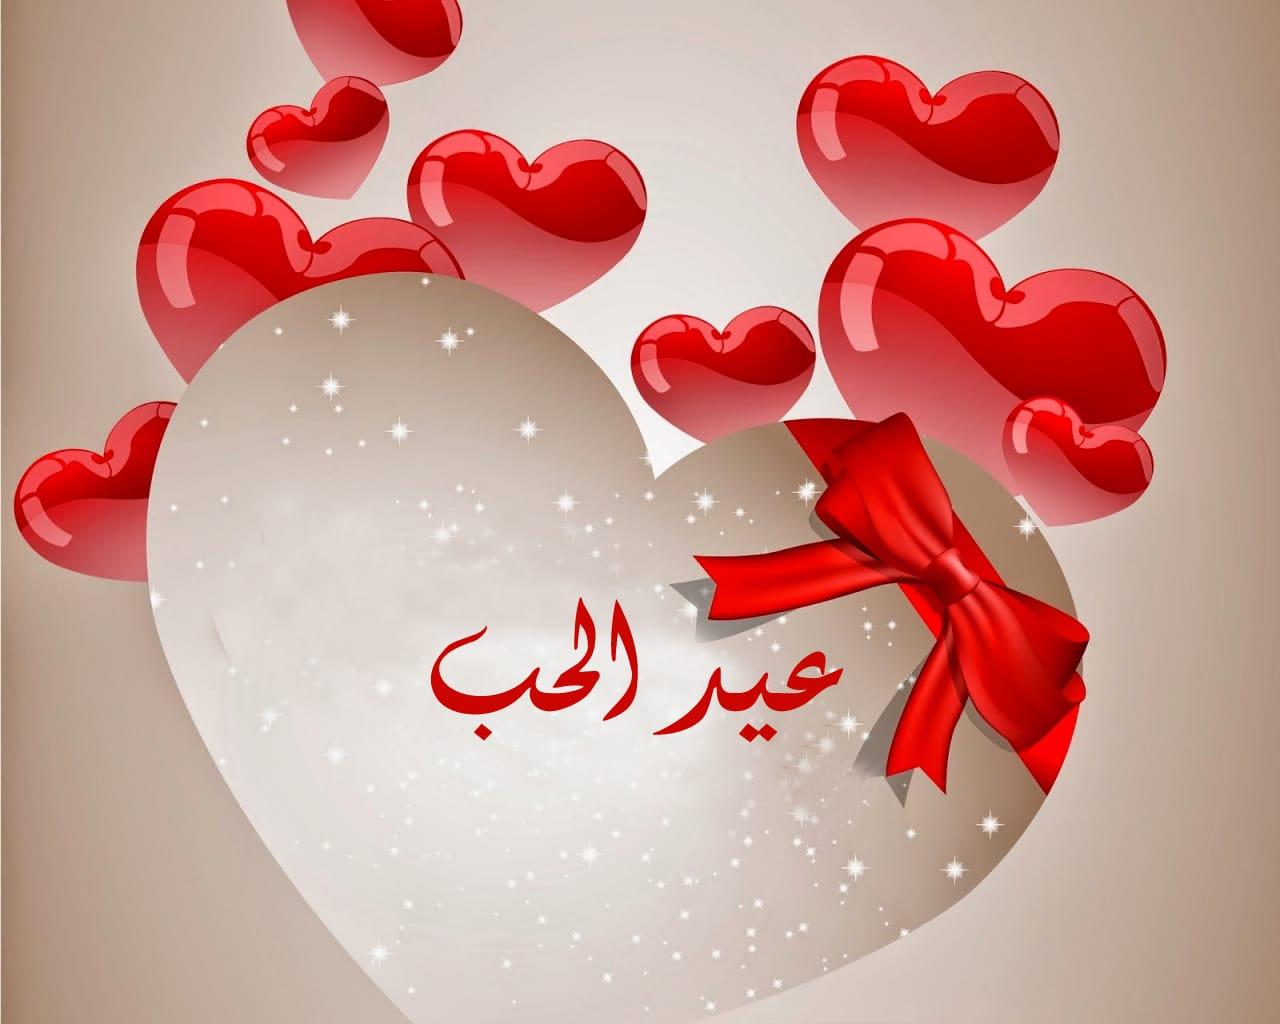 """الحب يصنع المعجزات.. """"فلانتين مصر"""" روح جديدة"""